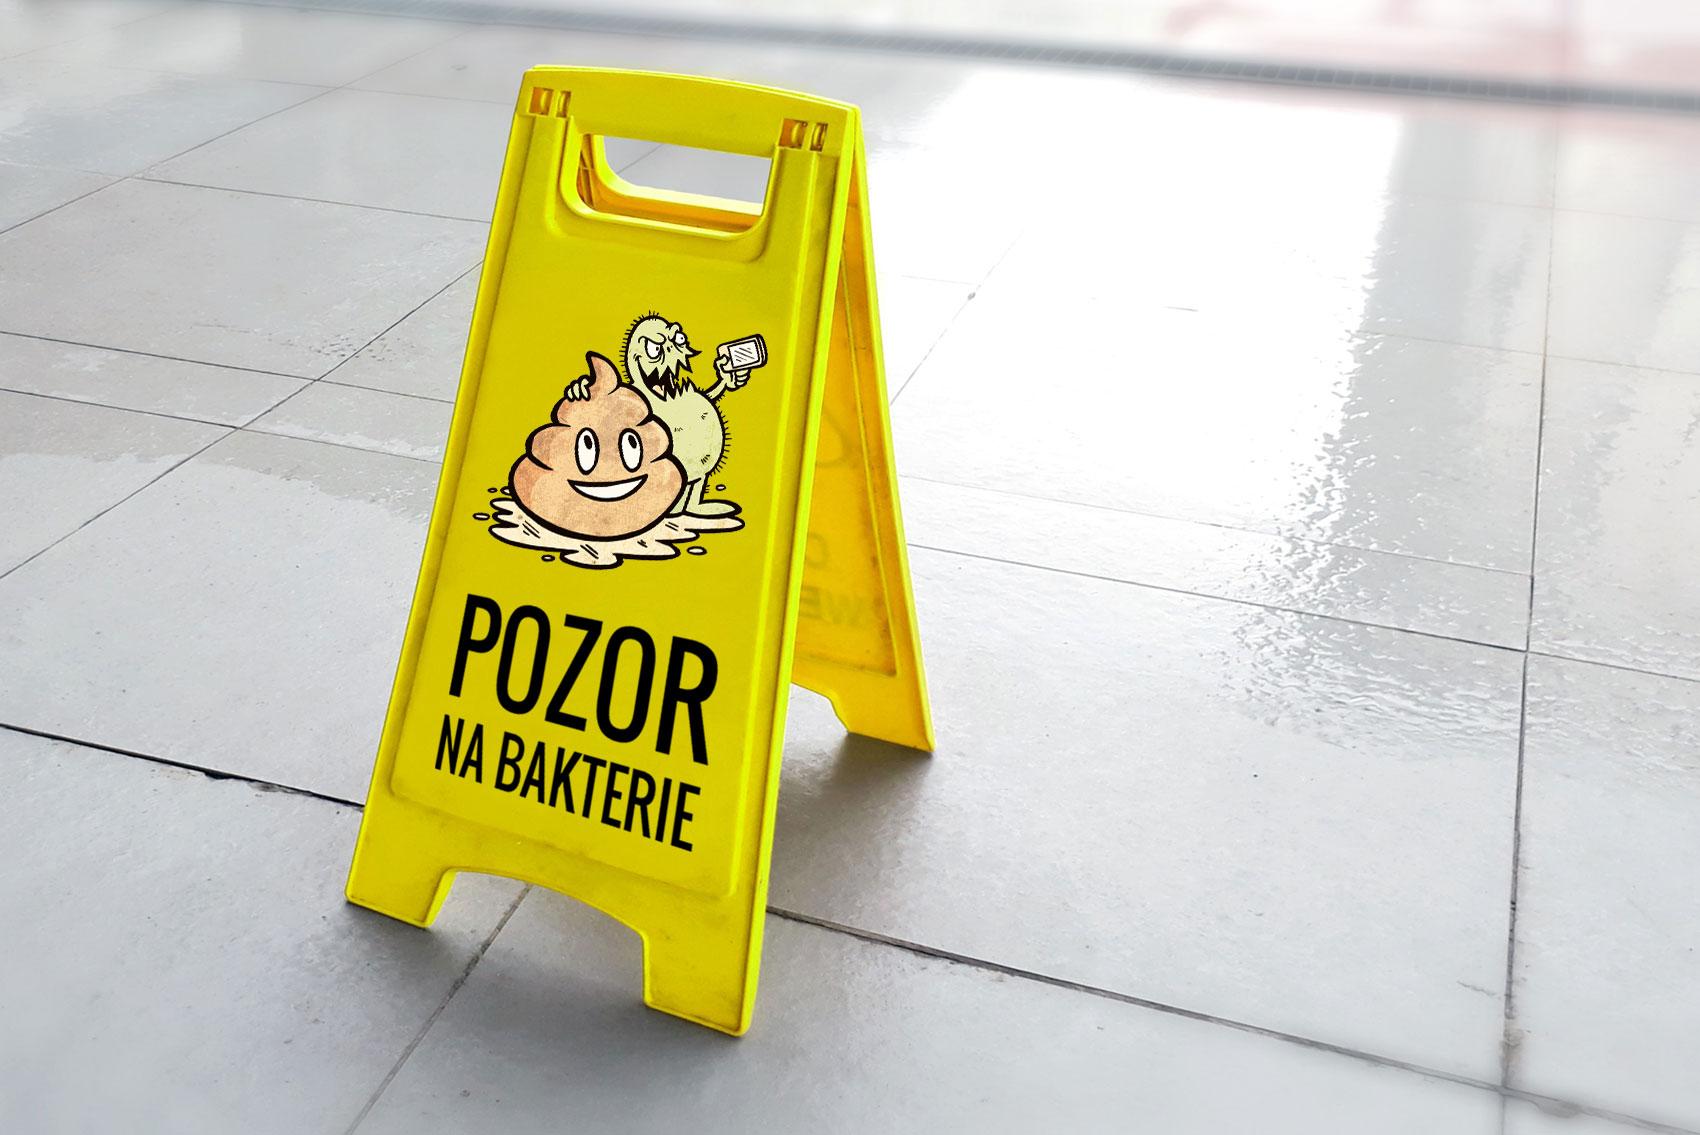 Mokrá podlaha nemusí být zaručeně čistá. Změřte si úroveň úklidu pomocí ATP testu